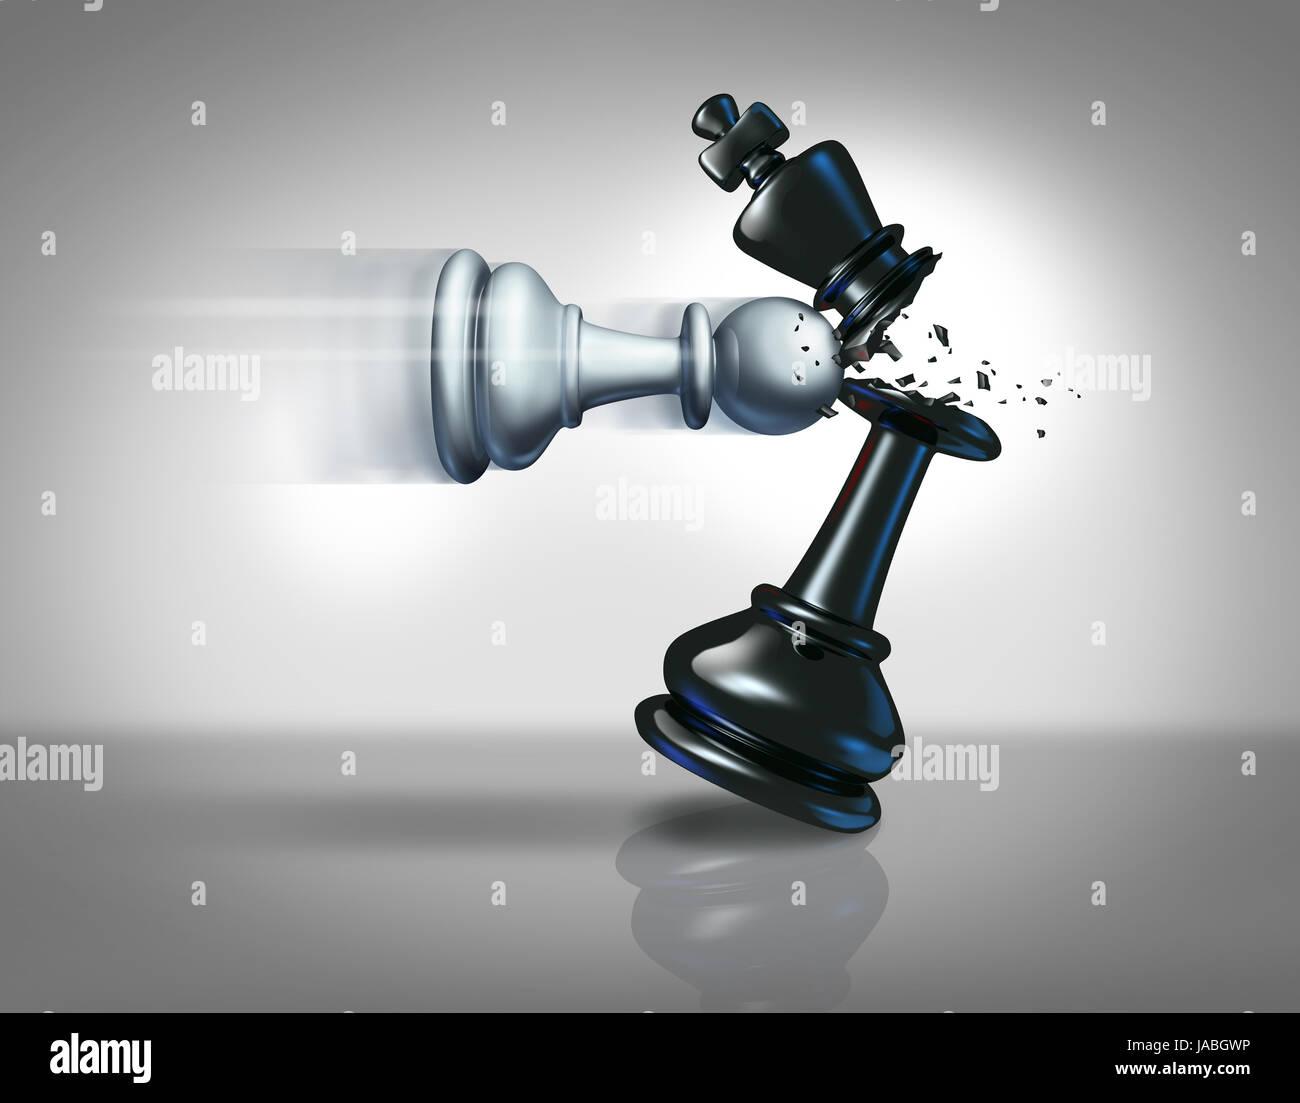 L'avvio della strategia aziendale concetto come una pedina di scacchi smashing un re pezzo come una metafora Immagini Stock